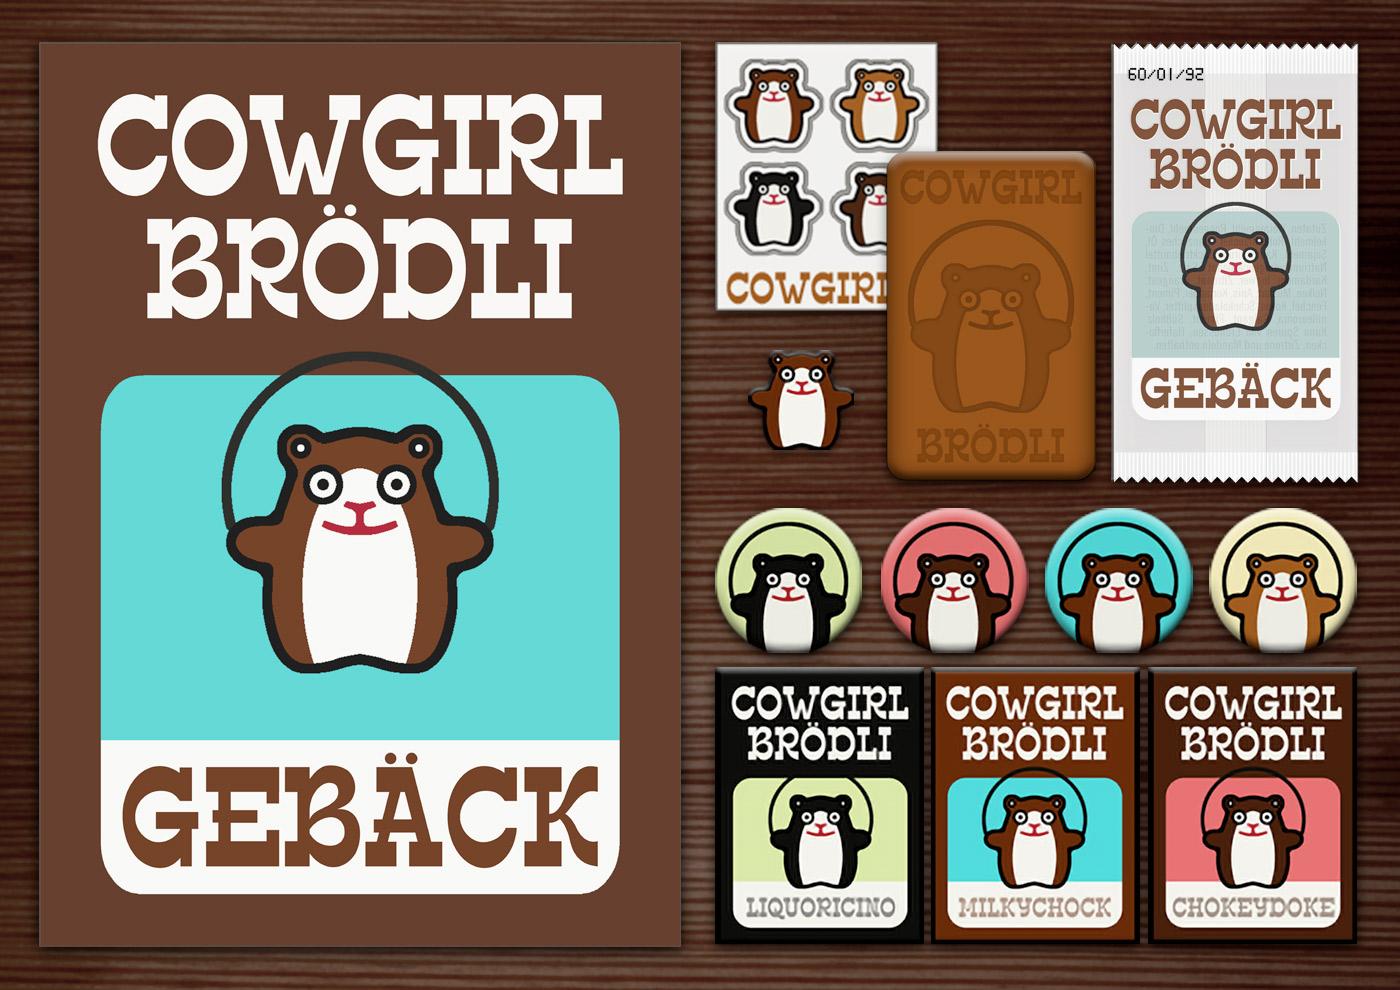 Corporate Identity, Logo und Grafik Design für Werbung, Verpackung, Poster, Postkarte, Flyer, Aufkleber, Keks, Buttons und Magnete mit Hamster für Lily Lux Cowgirl Brödli